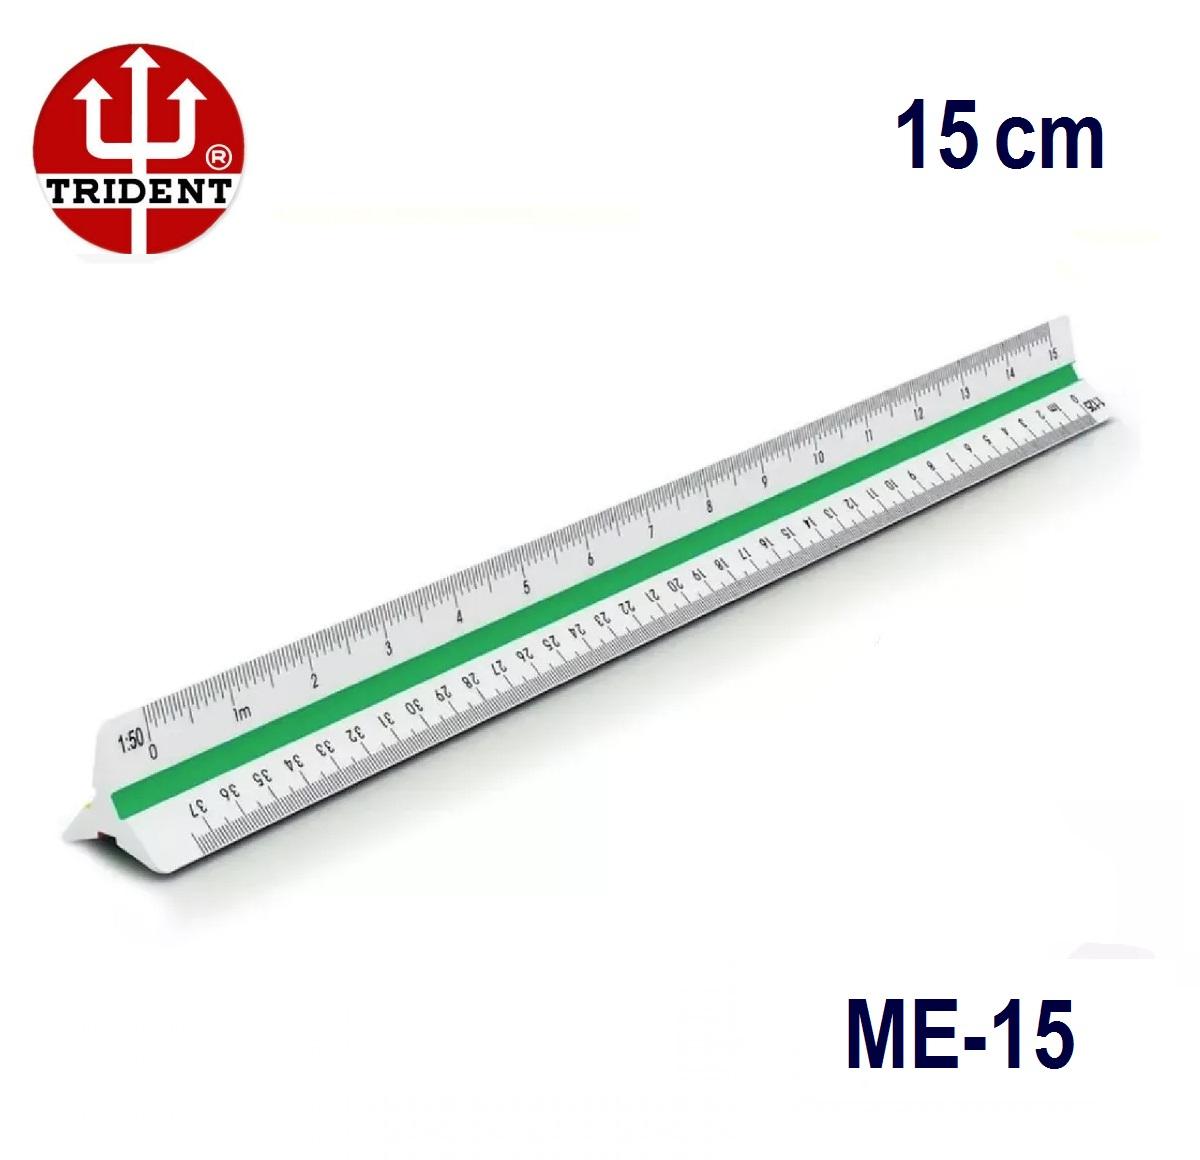 Escalímetro Triangular ME-15 Trident 15cm